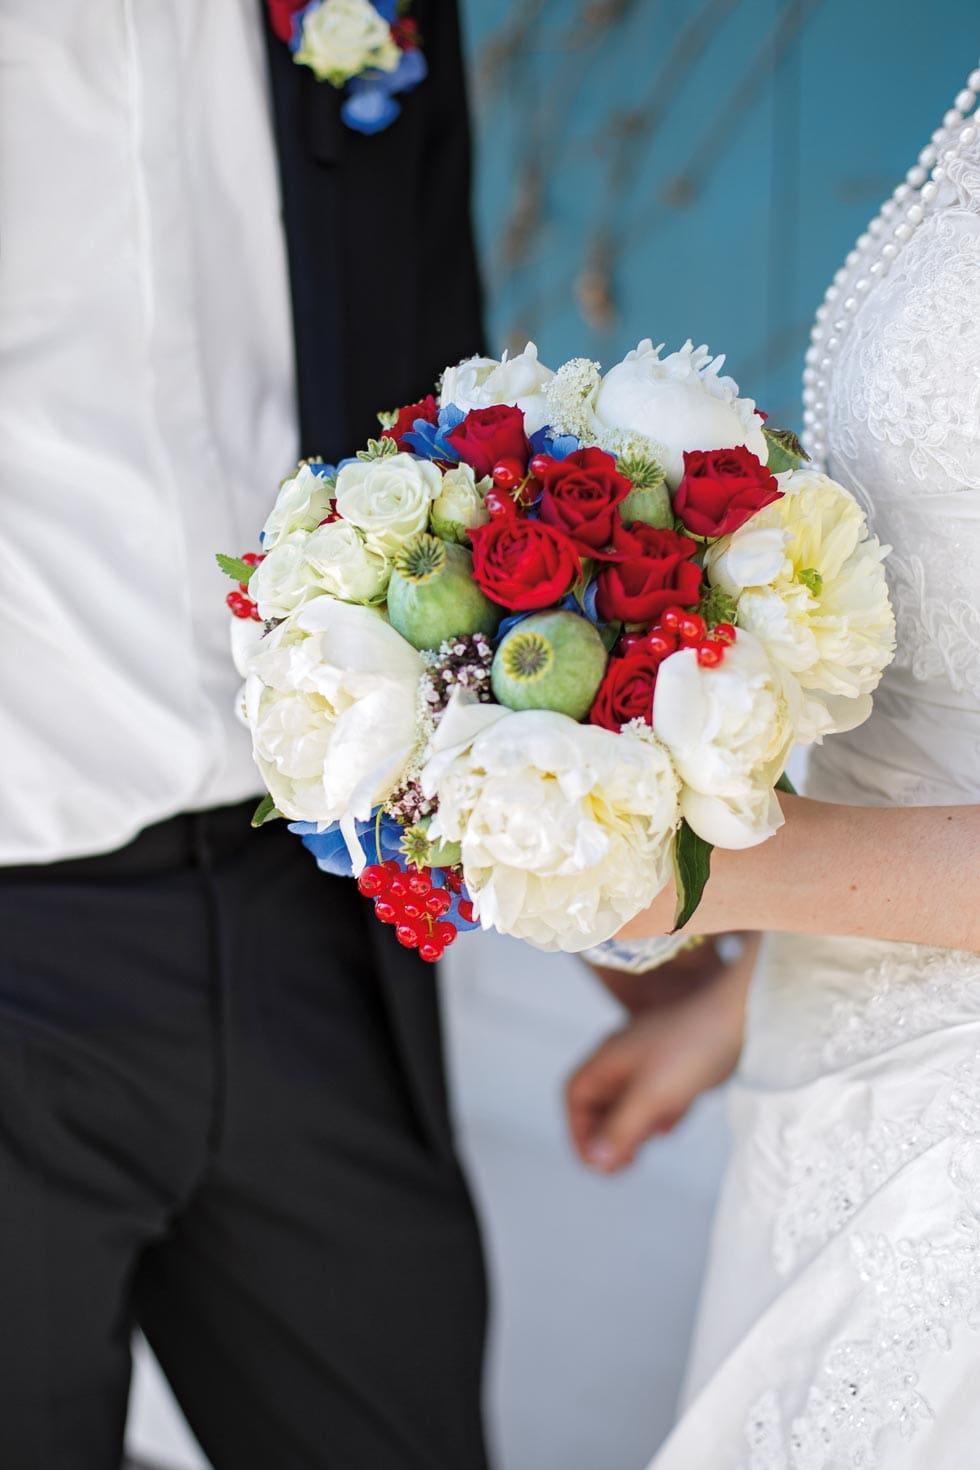 Brautstrauß Weiß, Rot, Blau und Grün